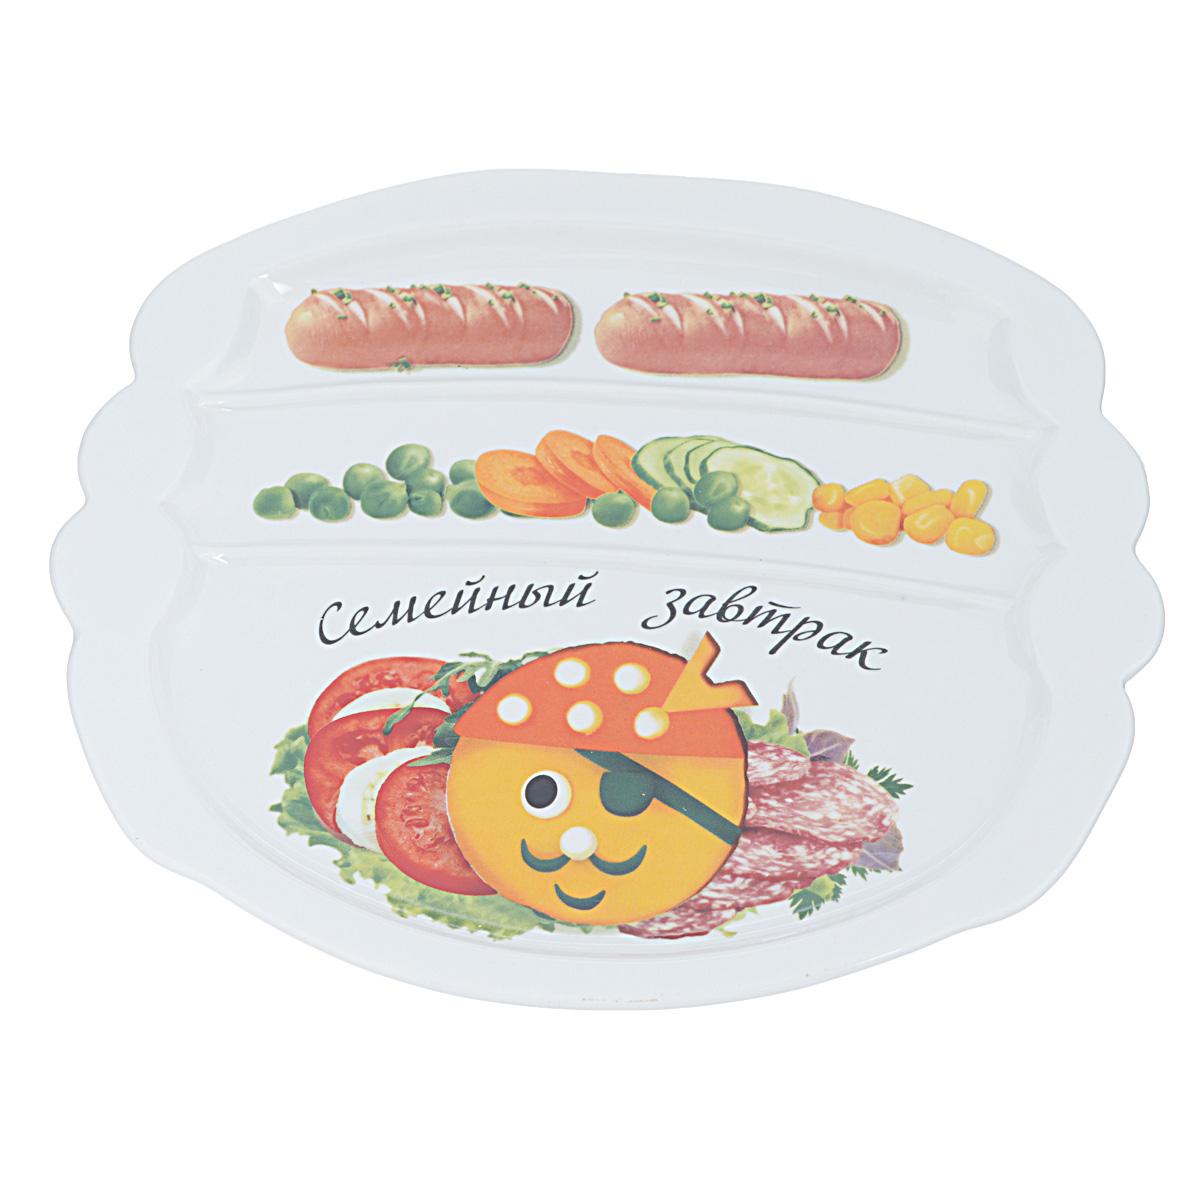 Тарелка для завтрака LarangE Семейный завтрак у пирата, 22,5 х 19 см589-312Тарелка для завтрака LarangE Семейный завтрак у пирата изготовлена из высококачественной керамики. Изделие украшено изображением пирата из еды. Тарелка имеет три отделения: 2 маленьких отделения для сосисок и одно большое отделение для яичницы или другого блюда. Можно использовать в СВЧ печах, духовом шкафу и холодильнике. Не применять абразивные чистящие вещества. Размер тарелки: 22,5 см х 19,5 см х 1 см.